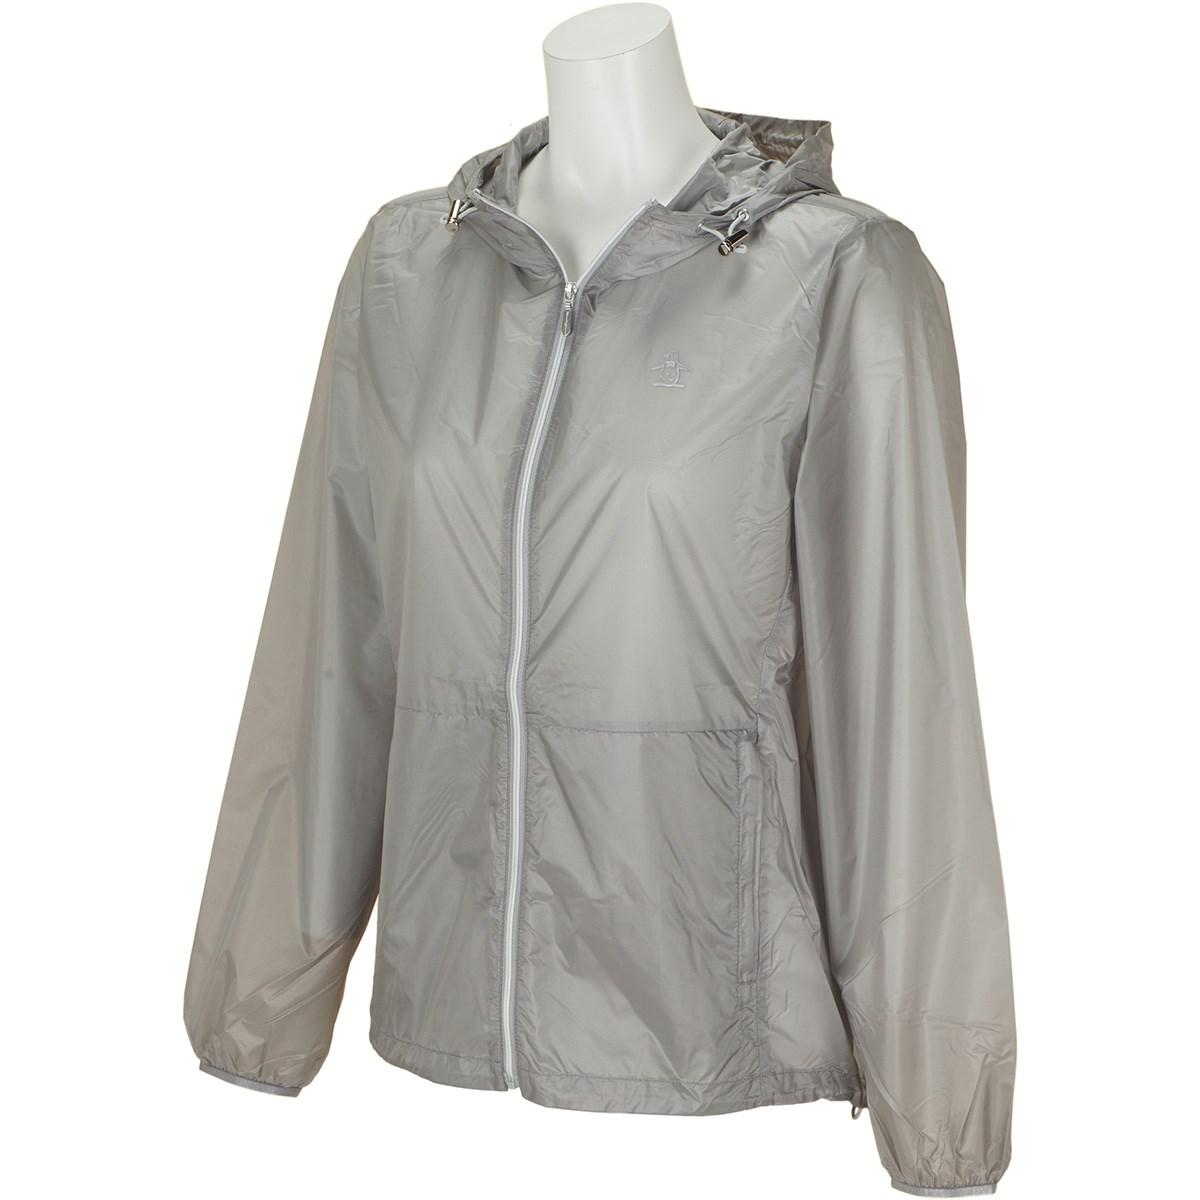 マンシングウェア Munsingwear シースルーライトブルゾン LL グレー 00 レディス